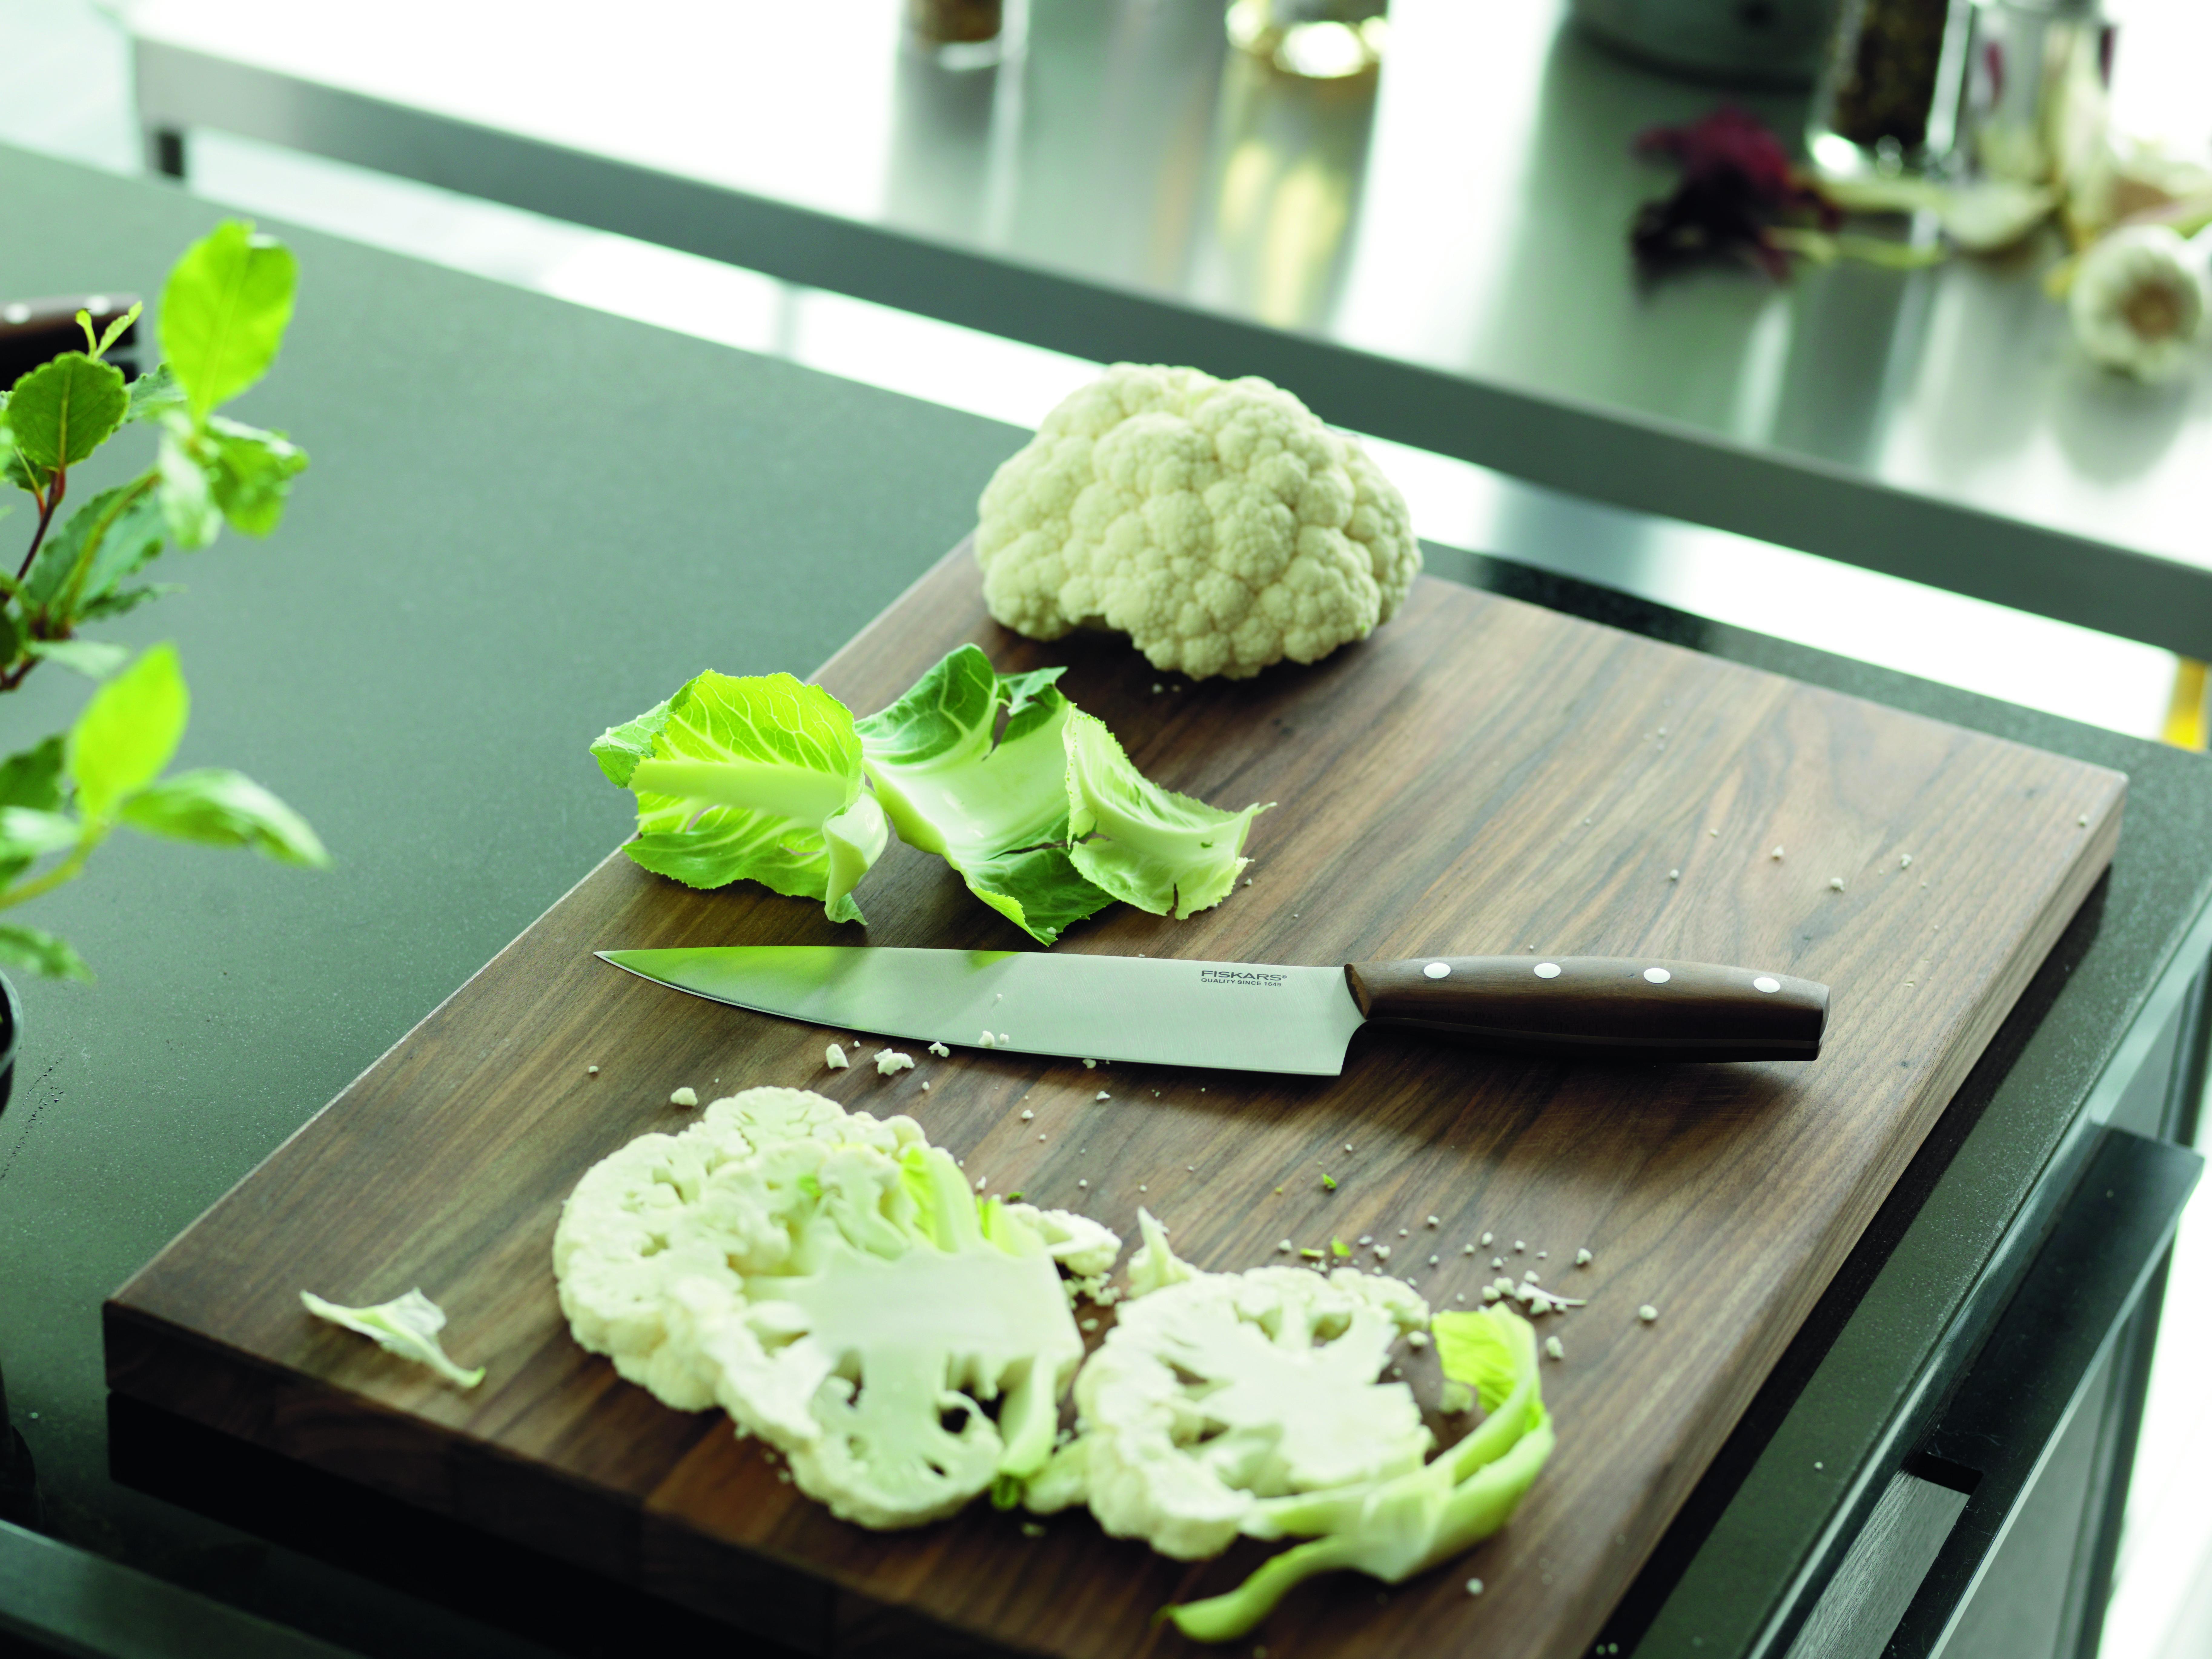 Fiskars implante une gamme d ustensiles de cuisine au bhv - Bhv ustensiles cuisine ...